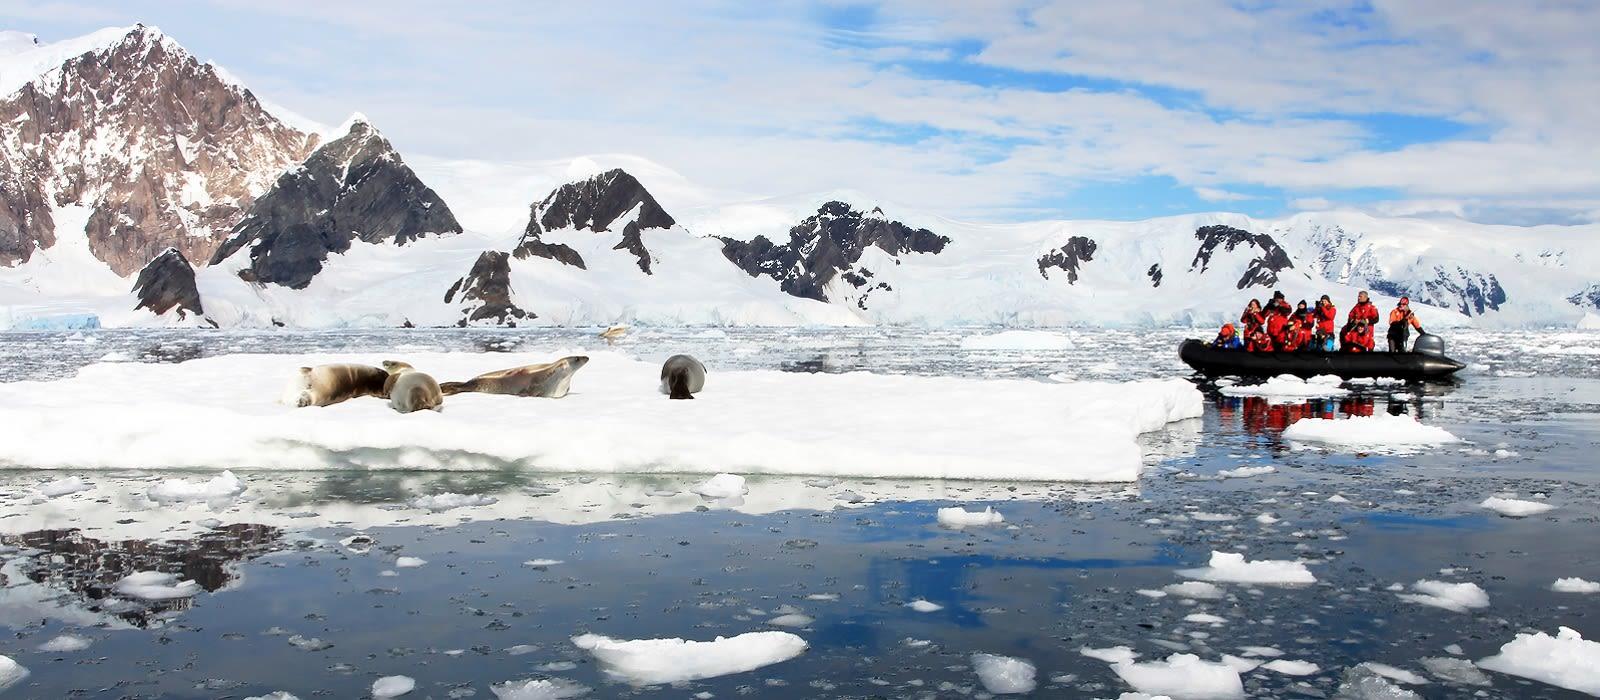 Die unberührte Schönheit Patagoniens & Abstecher in die Antarktis Urlaub 3